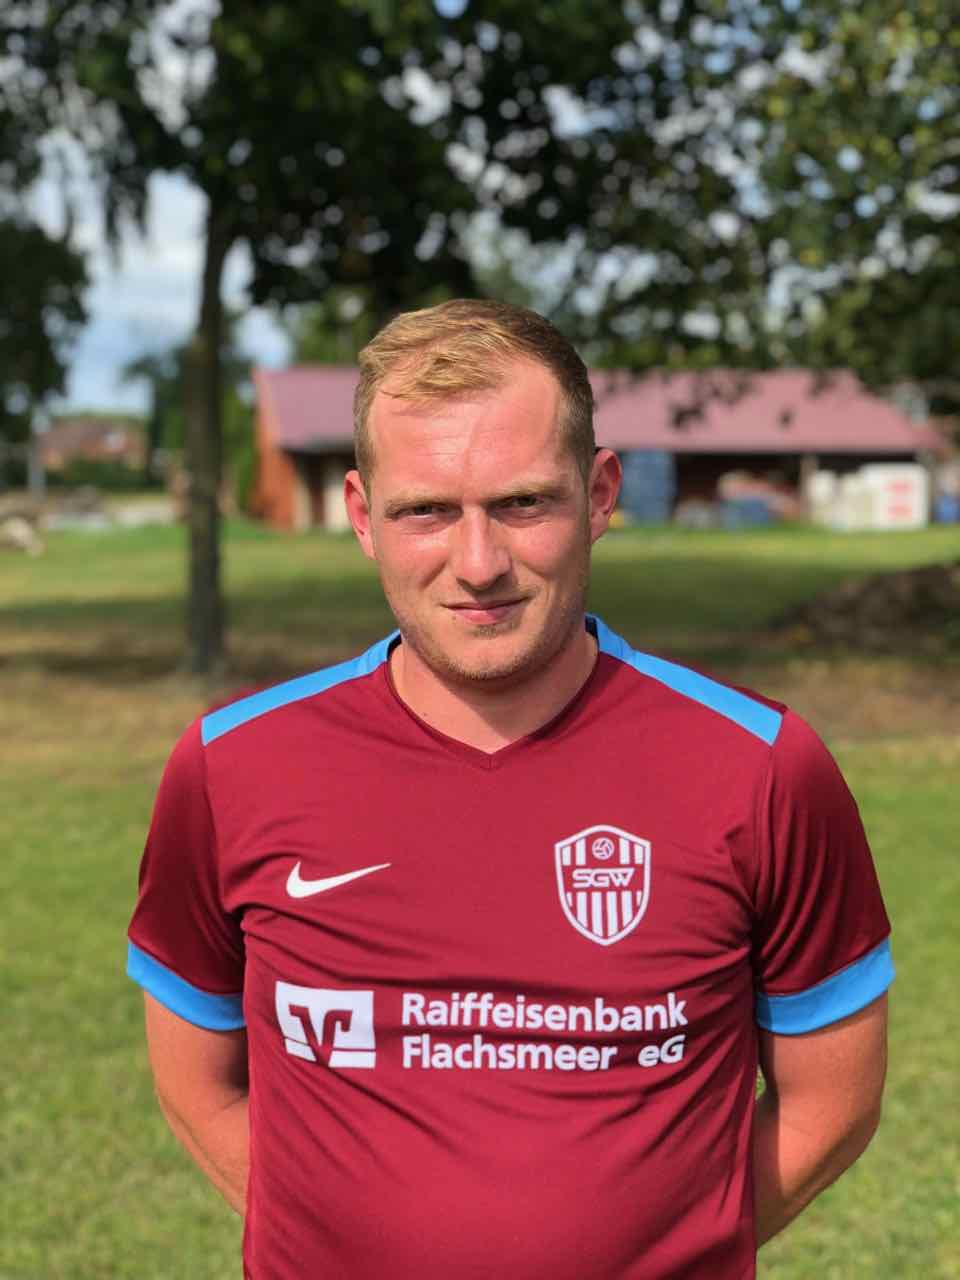 Stefan Venekamp